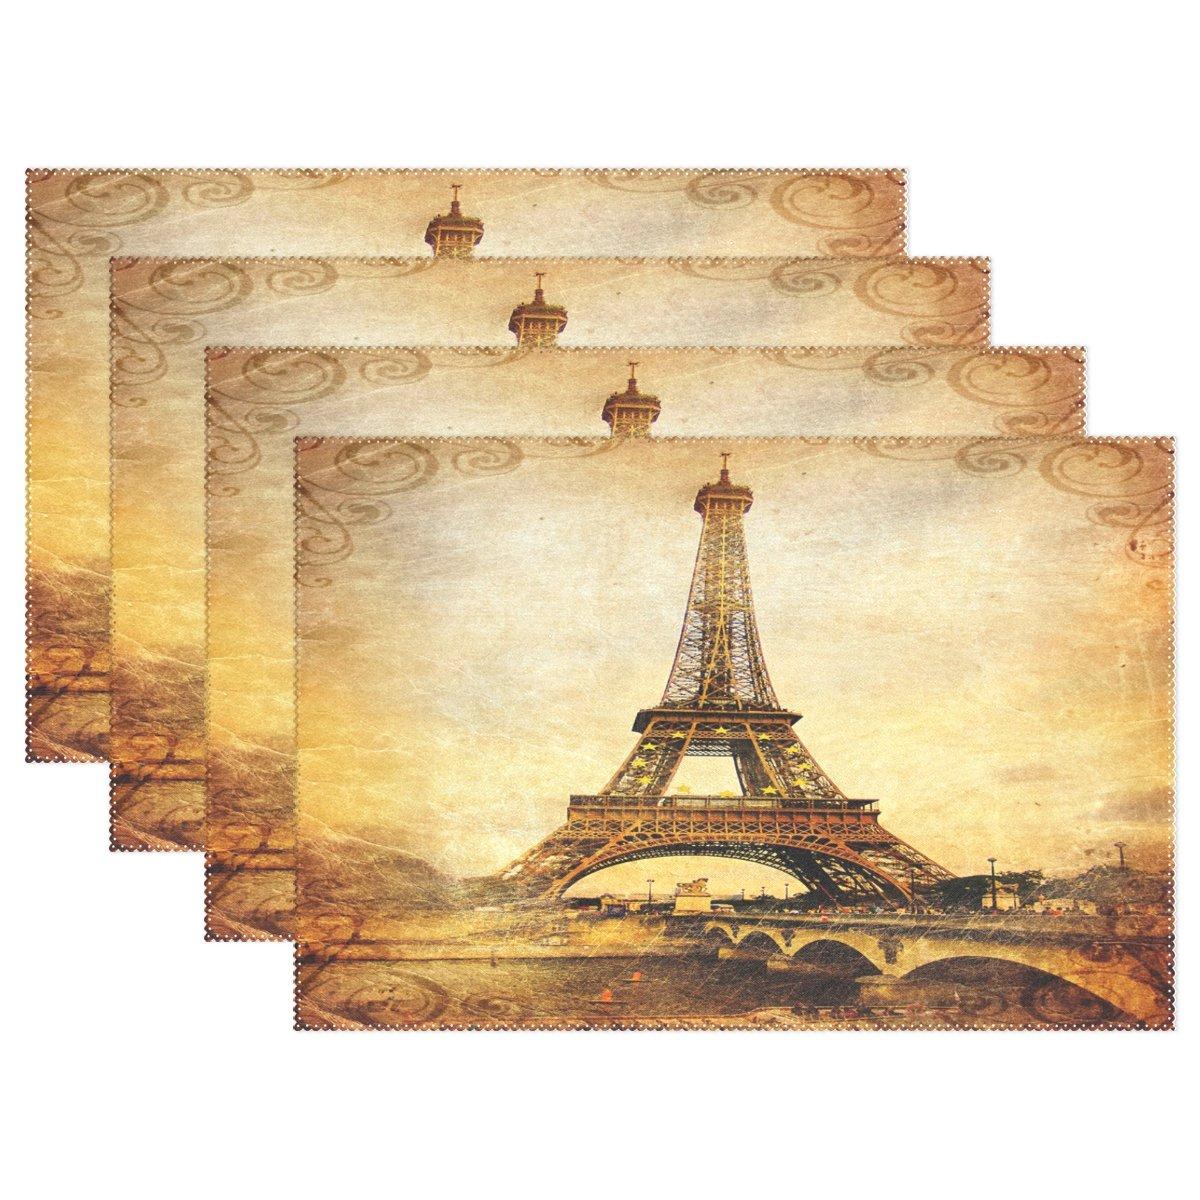 Wozoヴィンテージパリエッフェル塔プレースマットテーブルマット、フランスダマスク印刷12